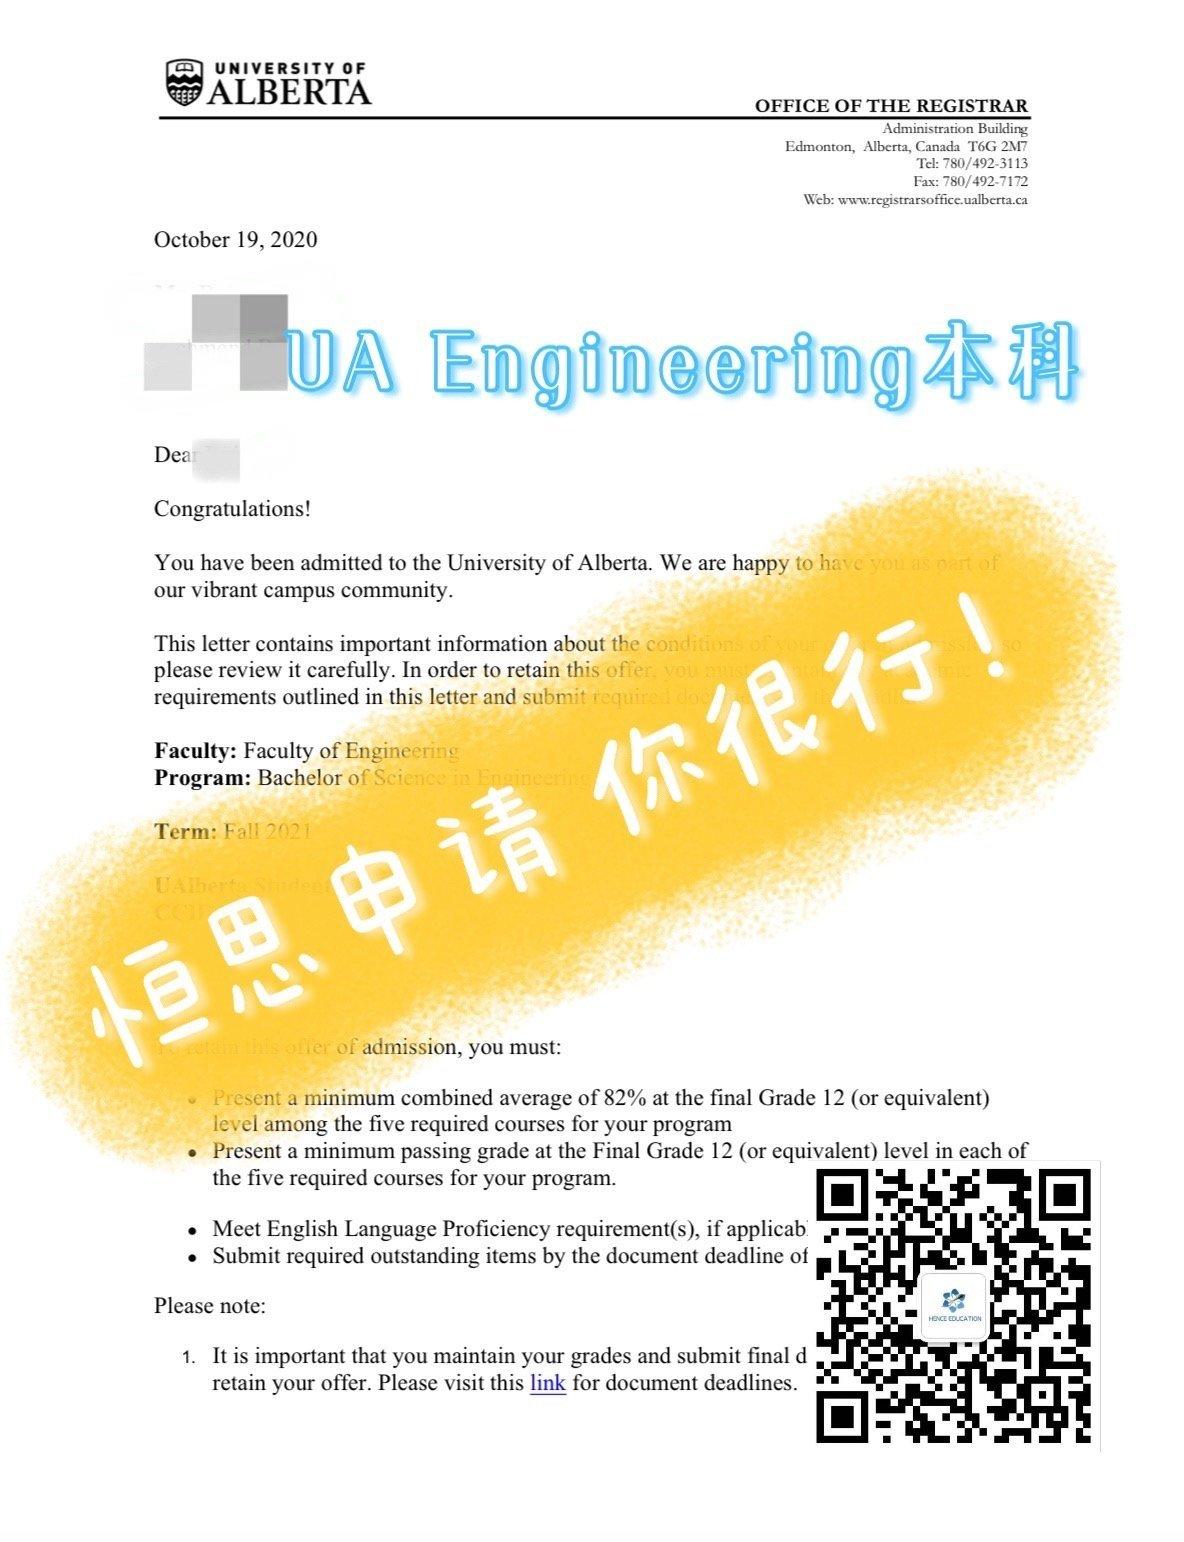 加拿大大学UA工程Engineering加拿大大学ubc商科sauder申请录取